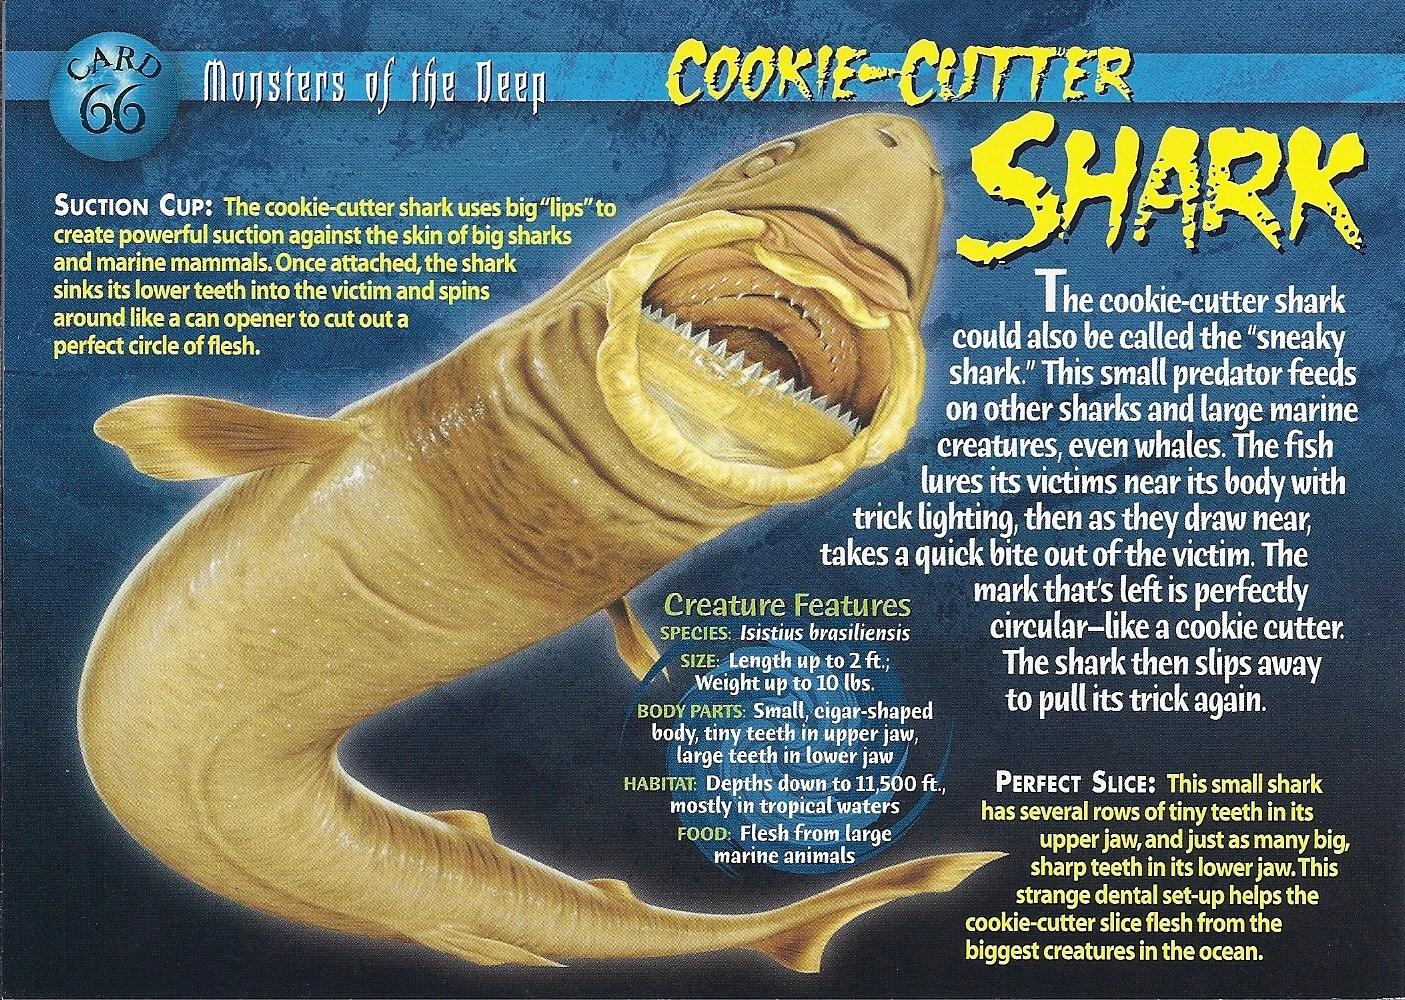 CookieCutter Shark  Wierd Nwild Creatures Wiki  FANDOM powered by Wikia